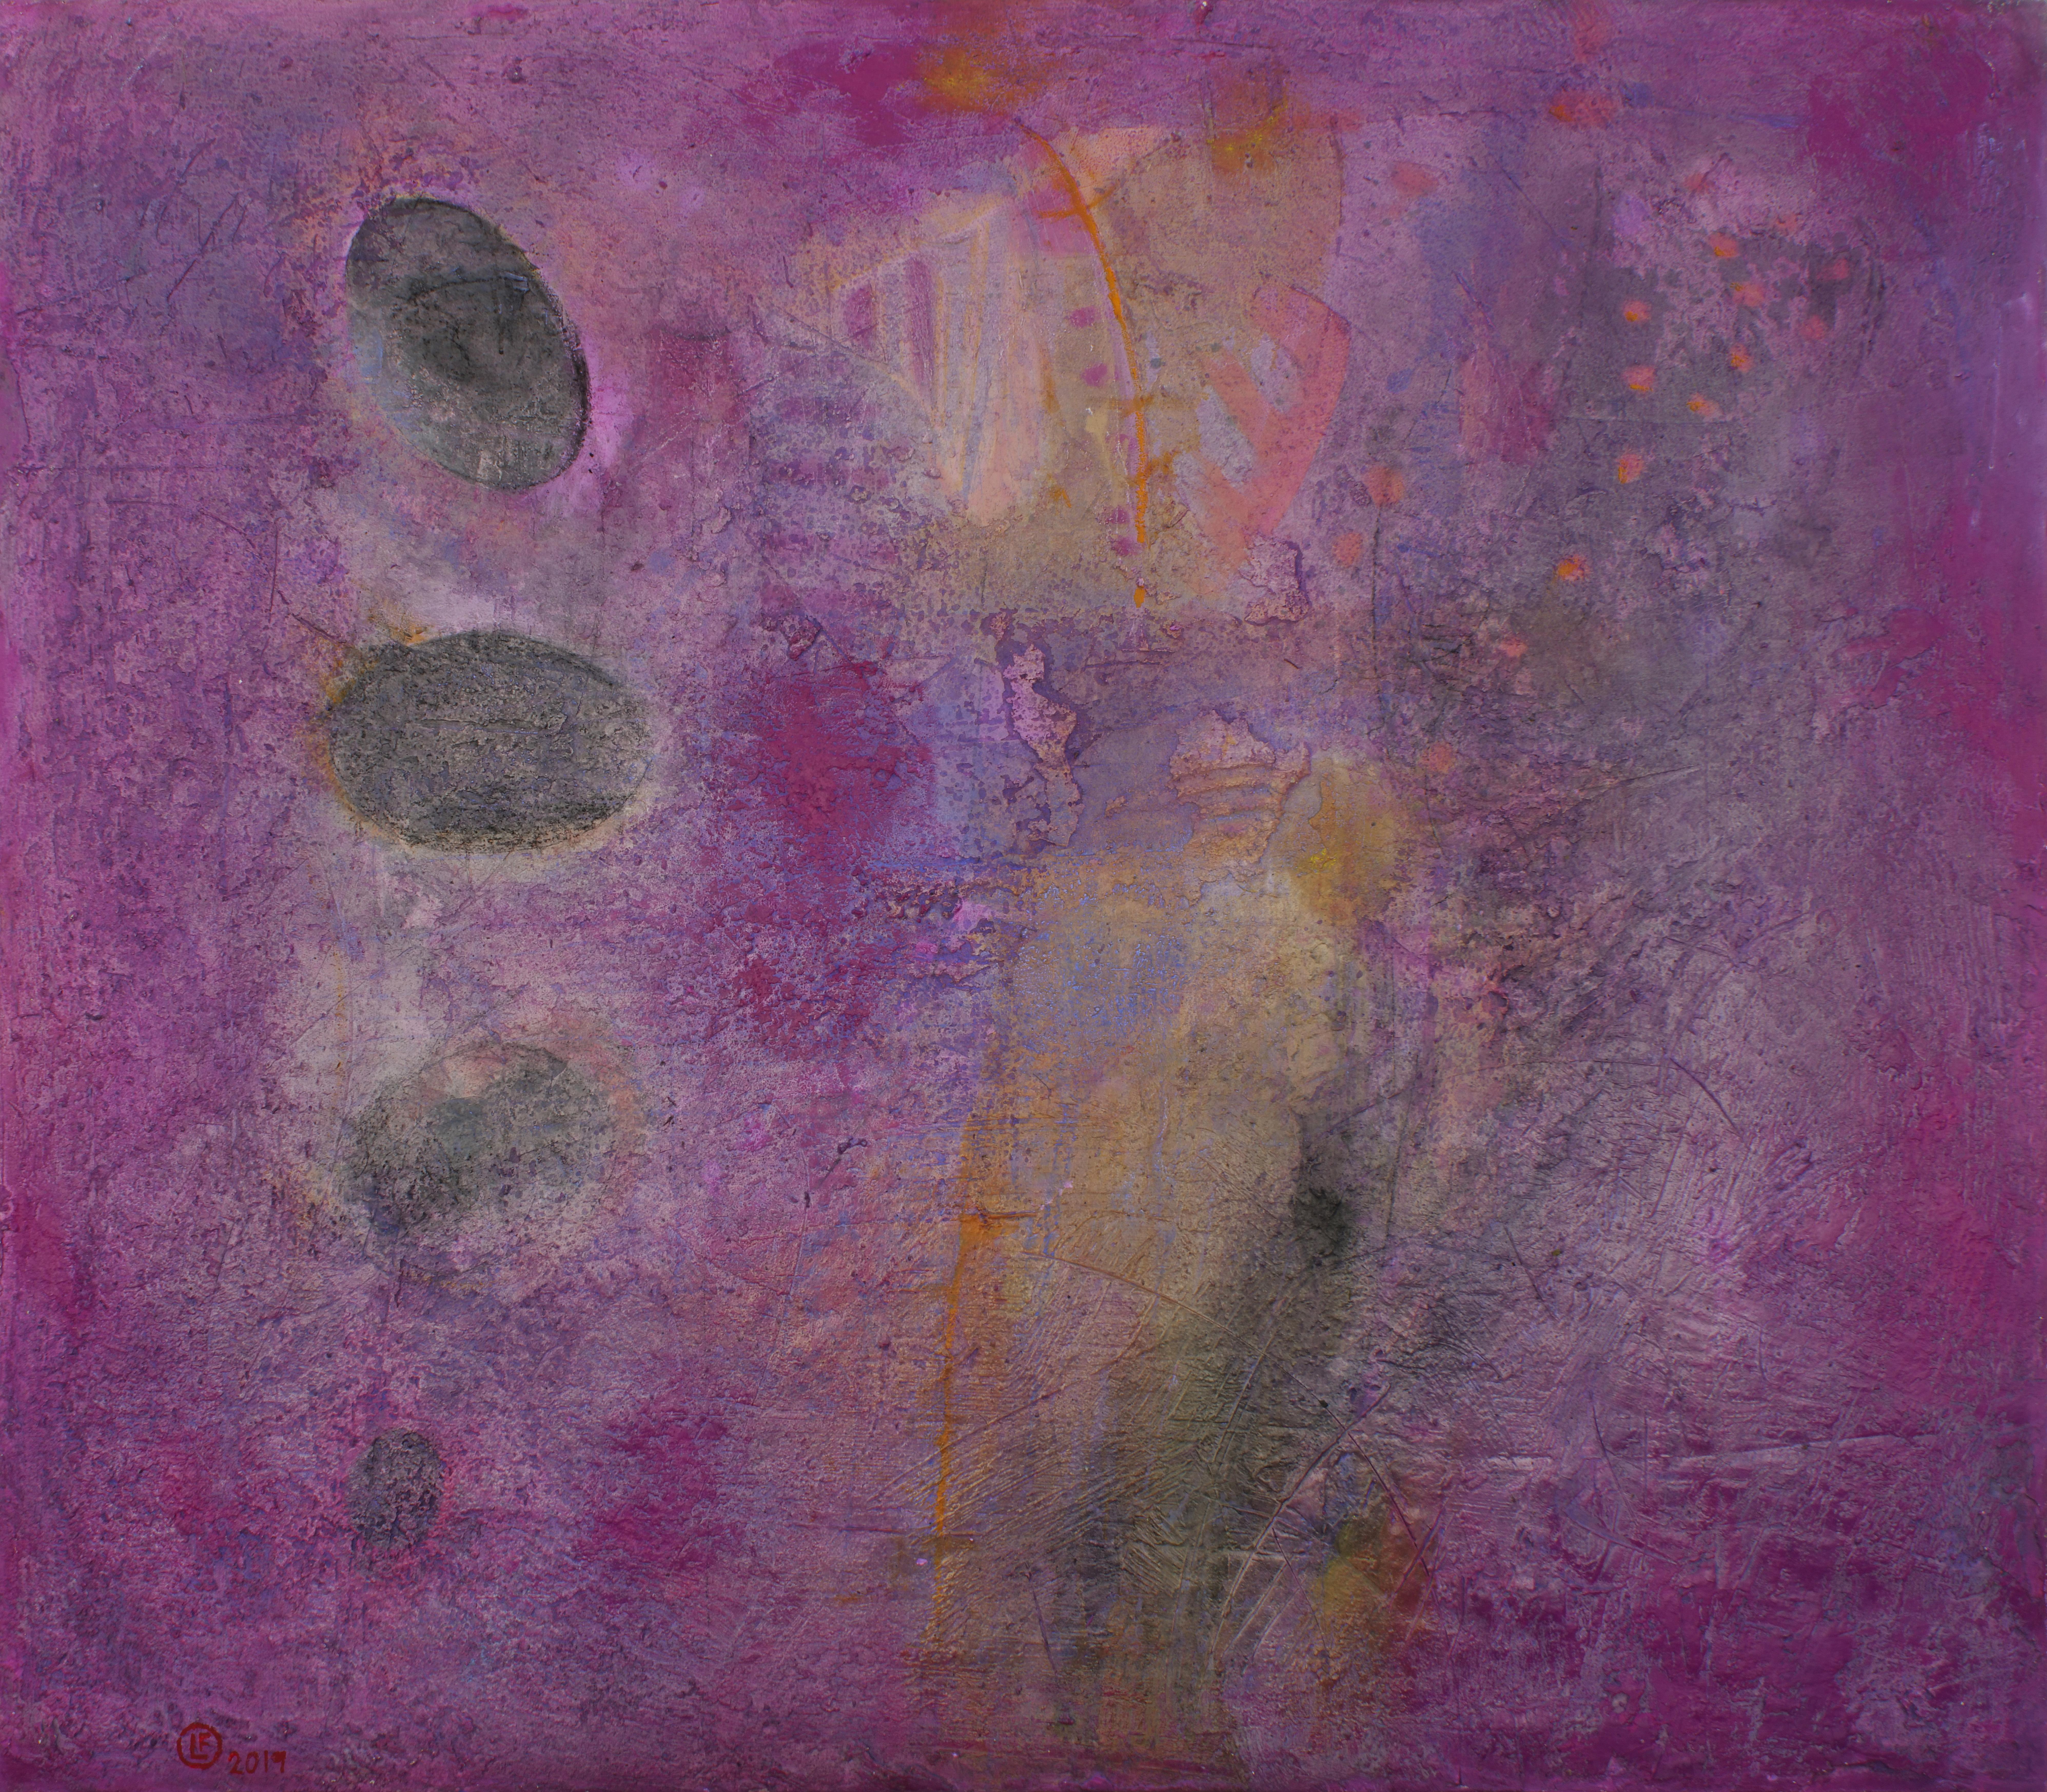 Mundo de Andrómeda óleo s/tela 140 x  160 cms. / 55 x 63 inches